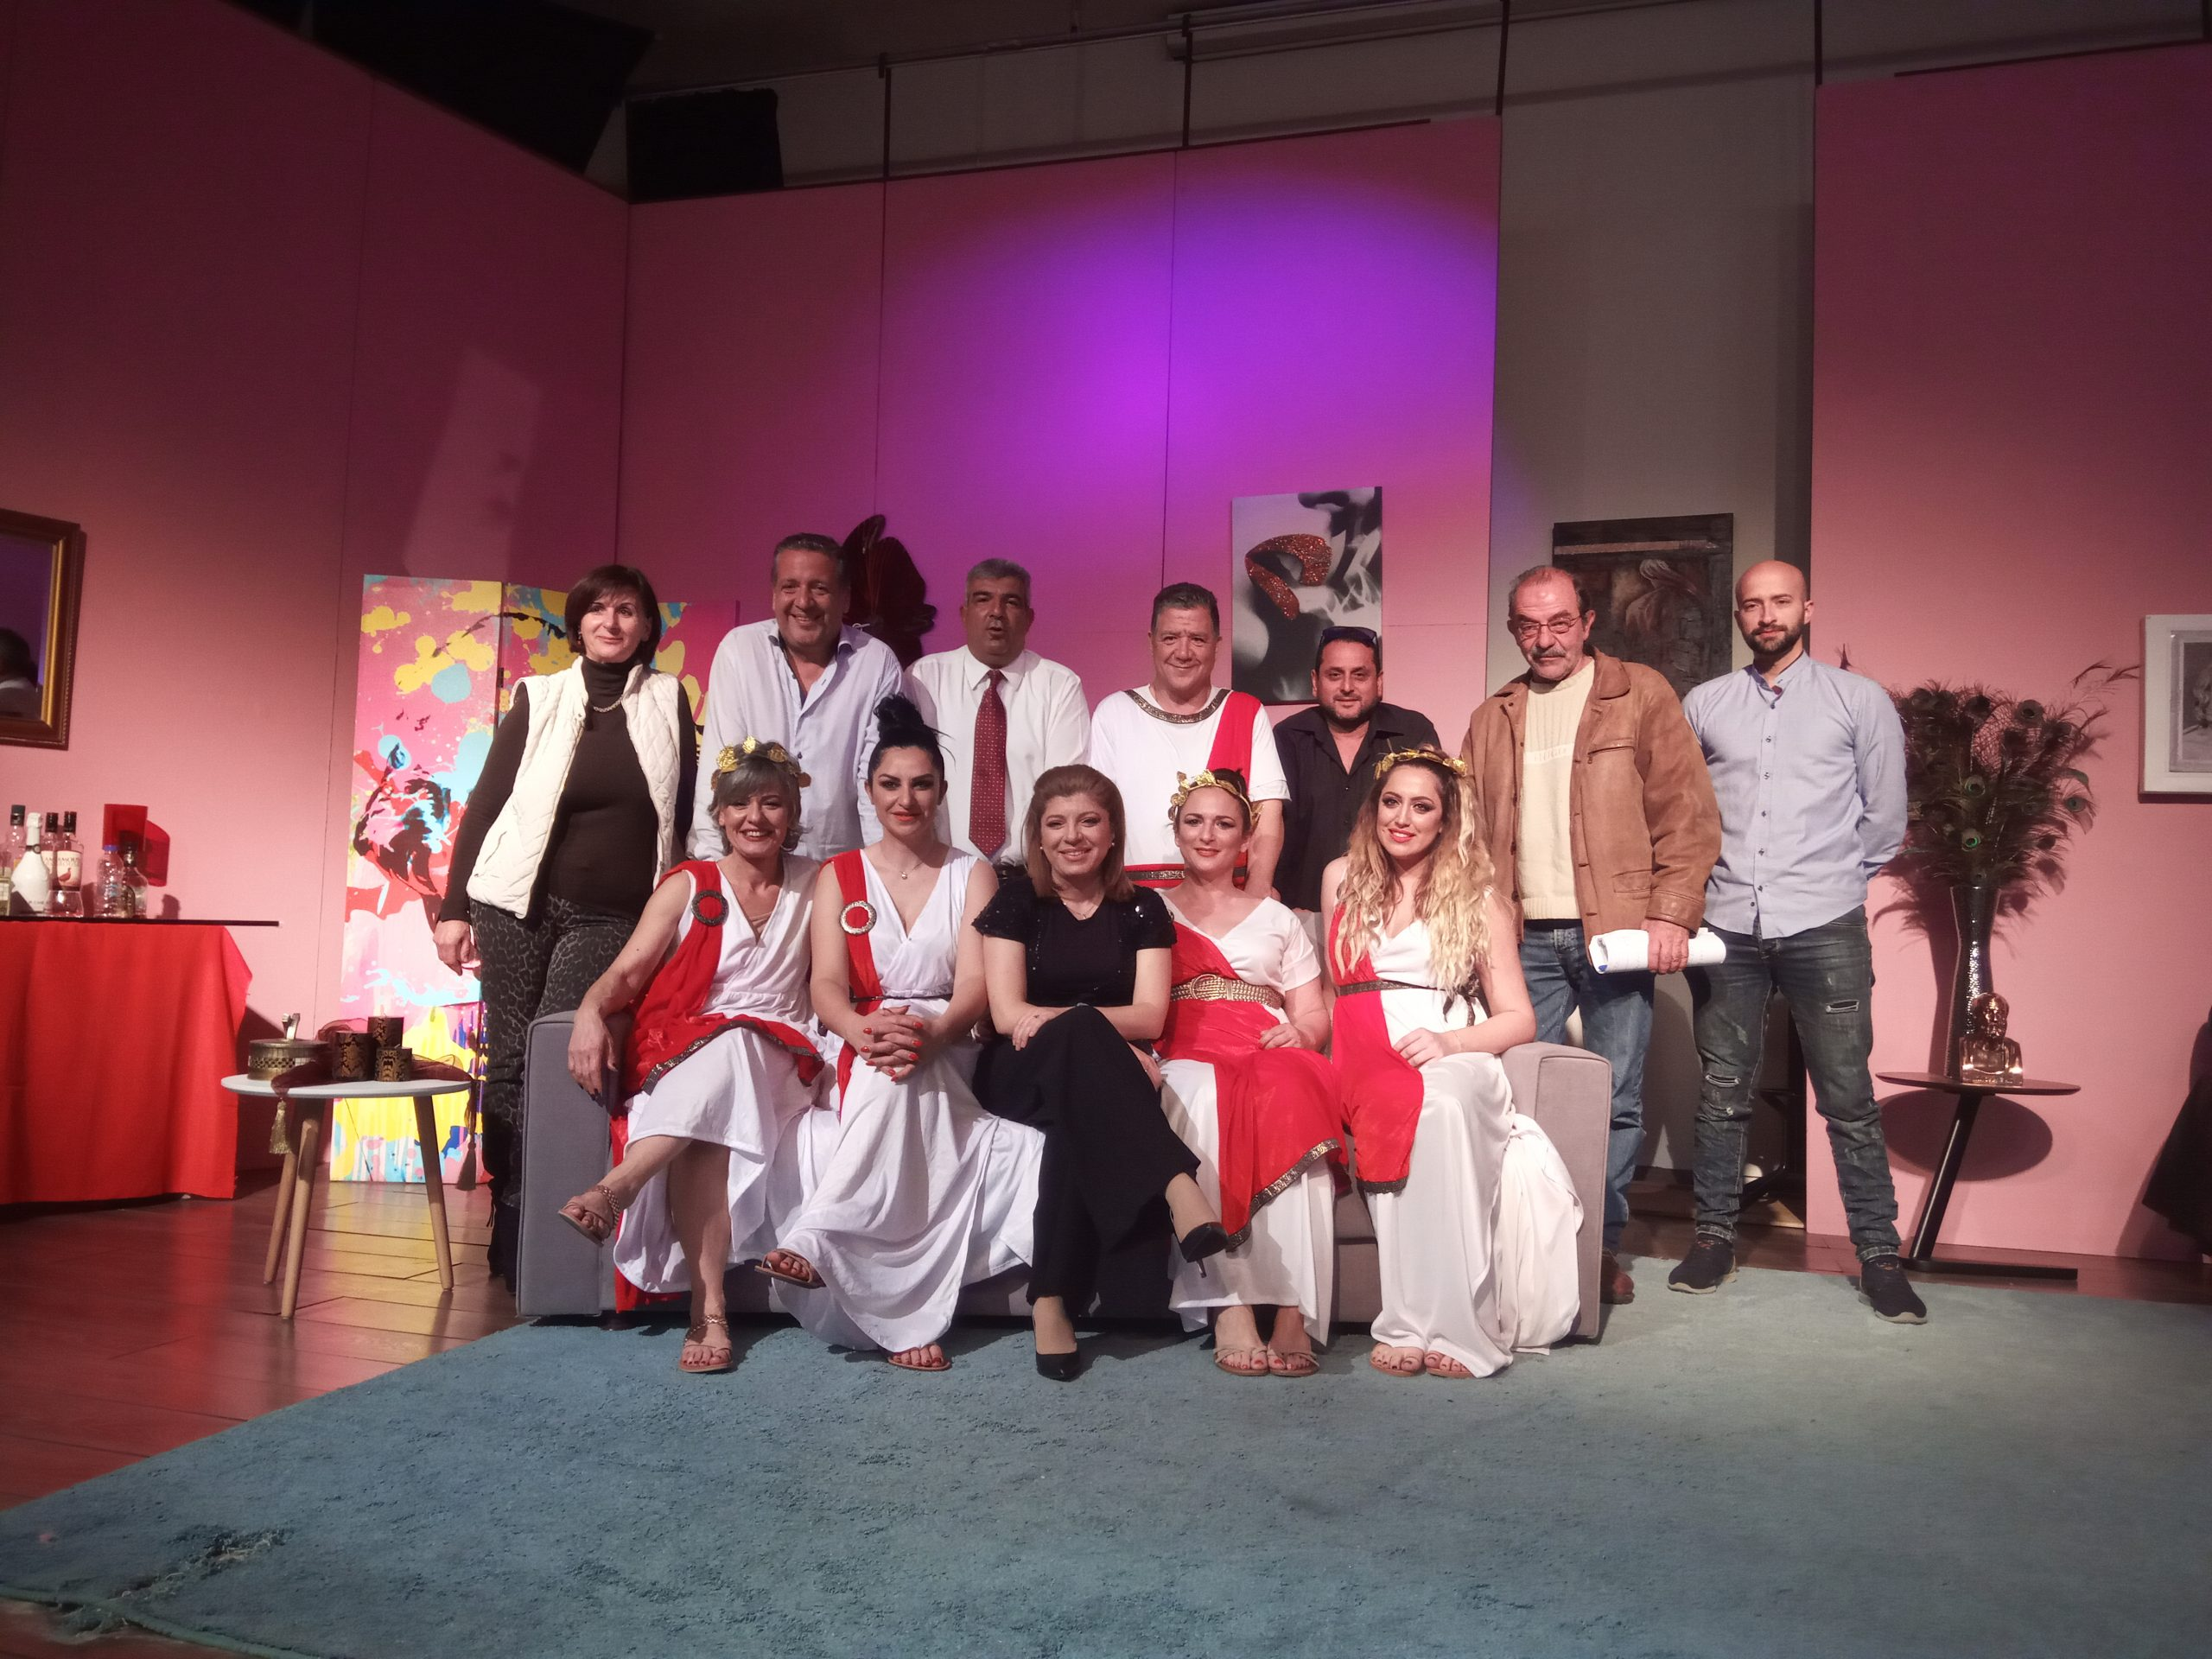 Θεατρική παράσταση - ΟΙΚΟΣ ΕΝΟΧΗΣ 22-24 -03-2019